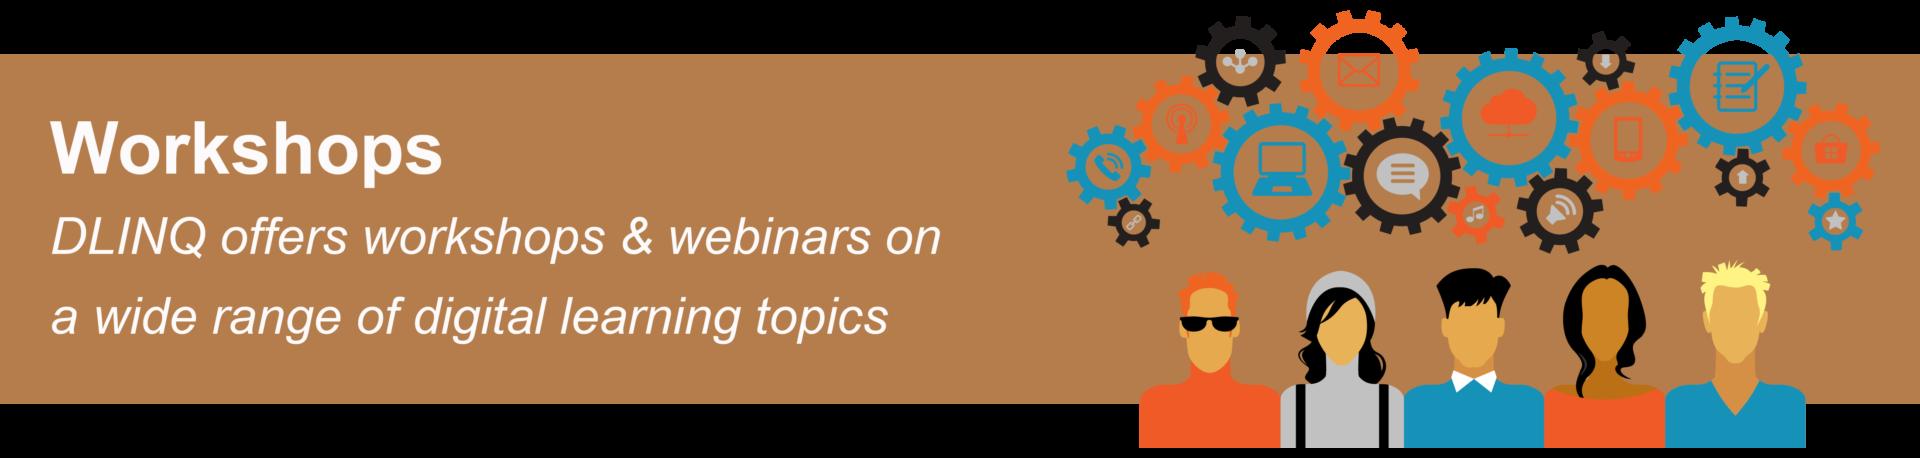 DLINQ offers workshops & webinars on a wide range of digital learning topics